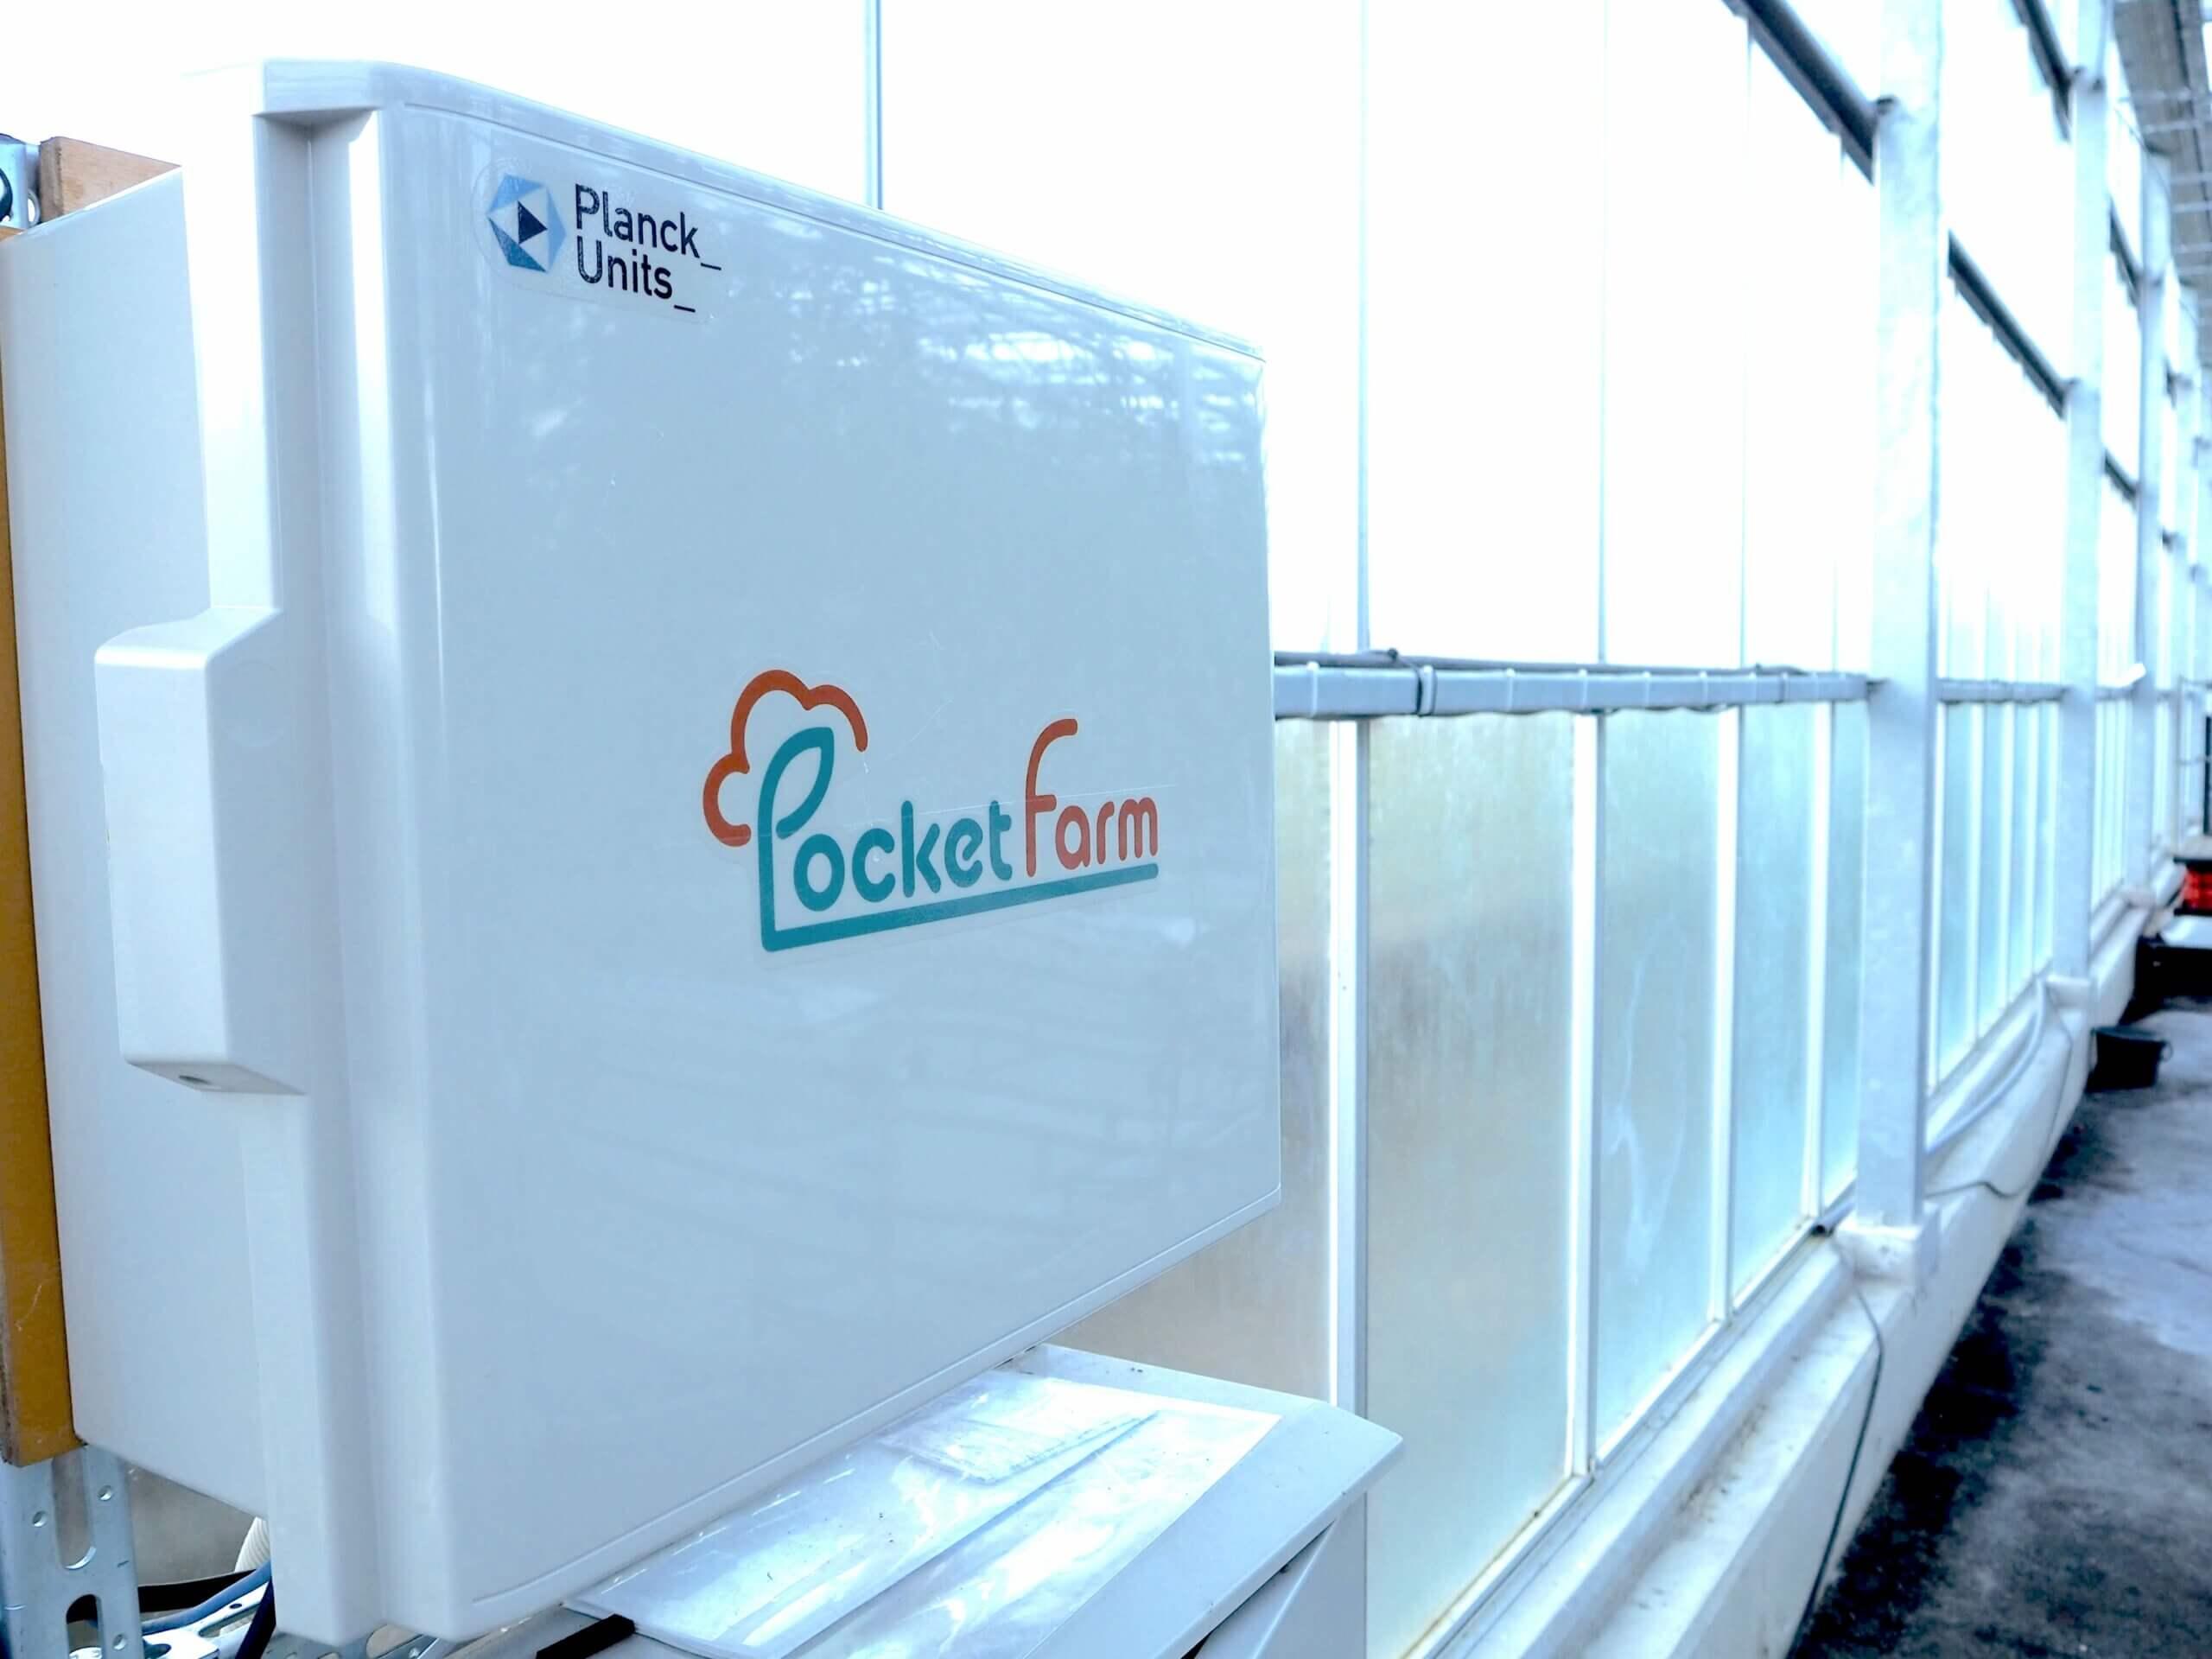 生産者がつくったものが一番使いやすい。低価格な環境制御システム「ポケットファーム」